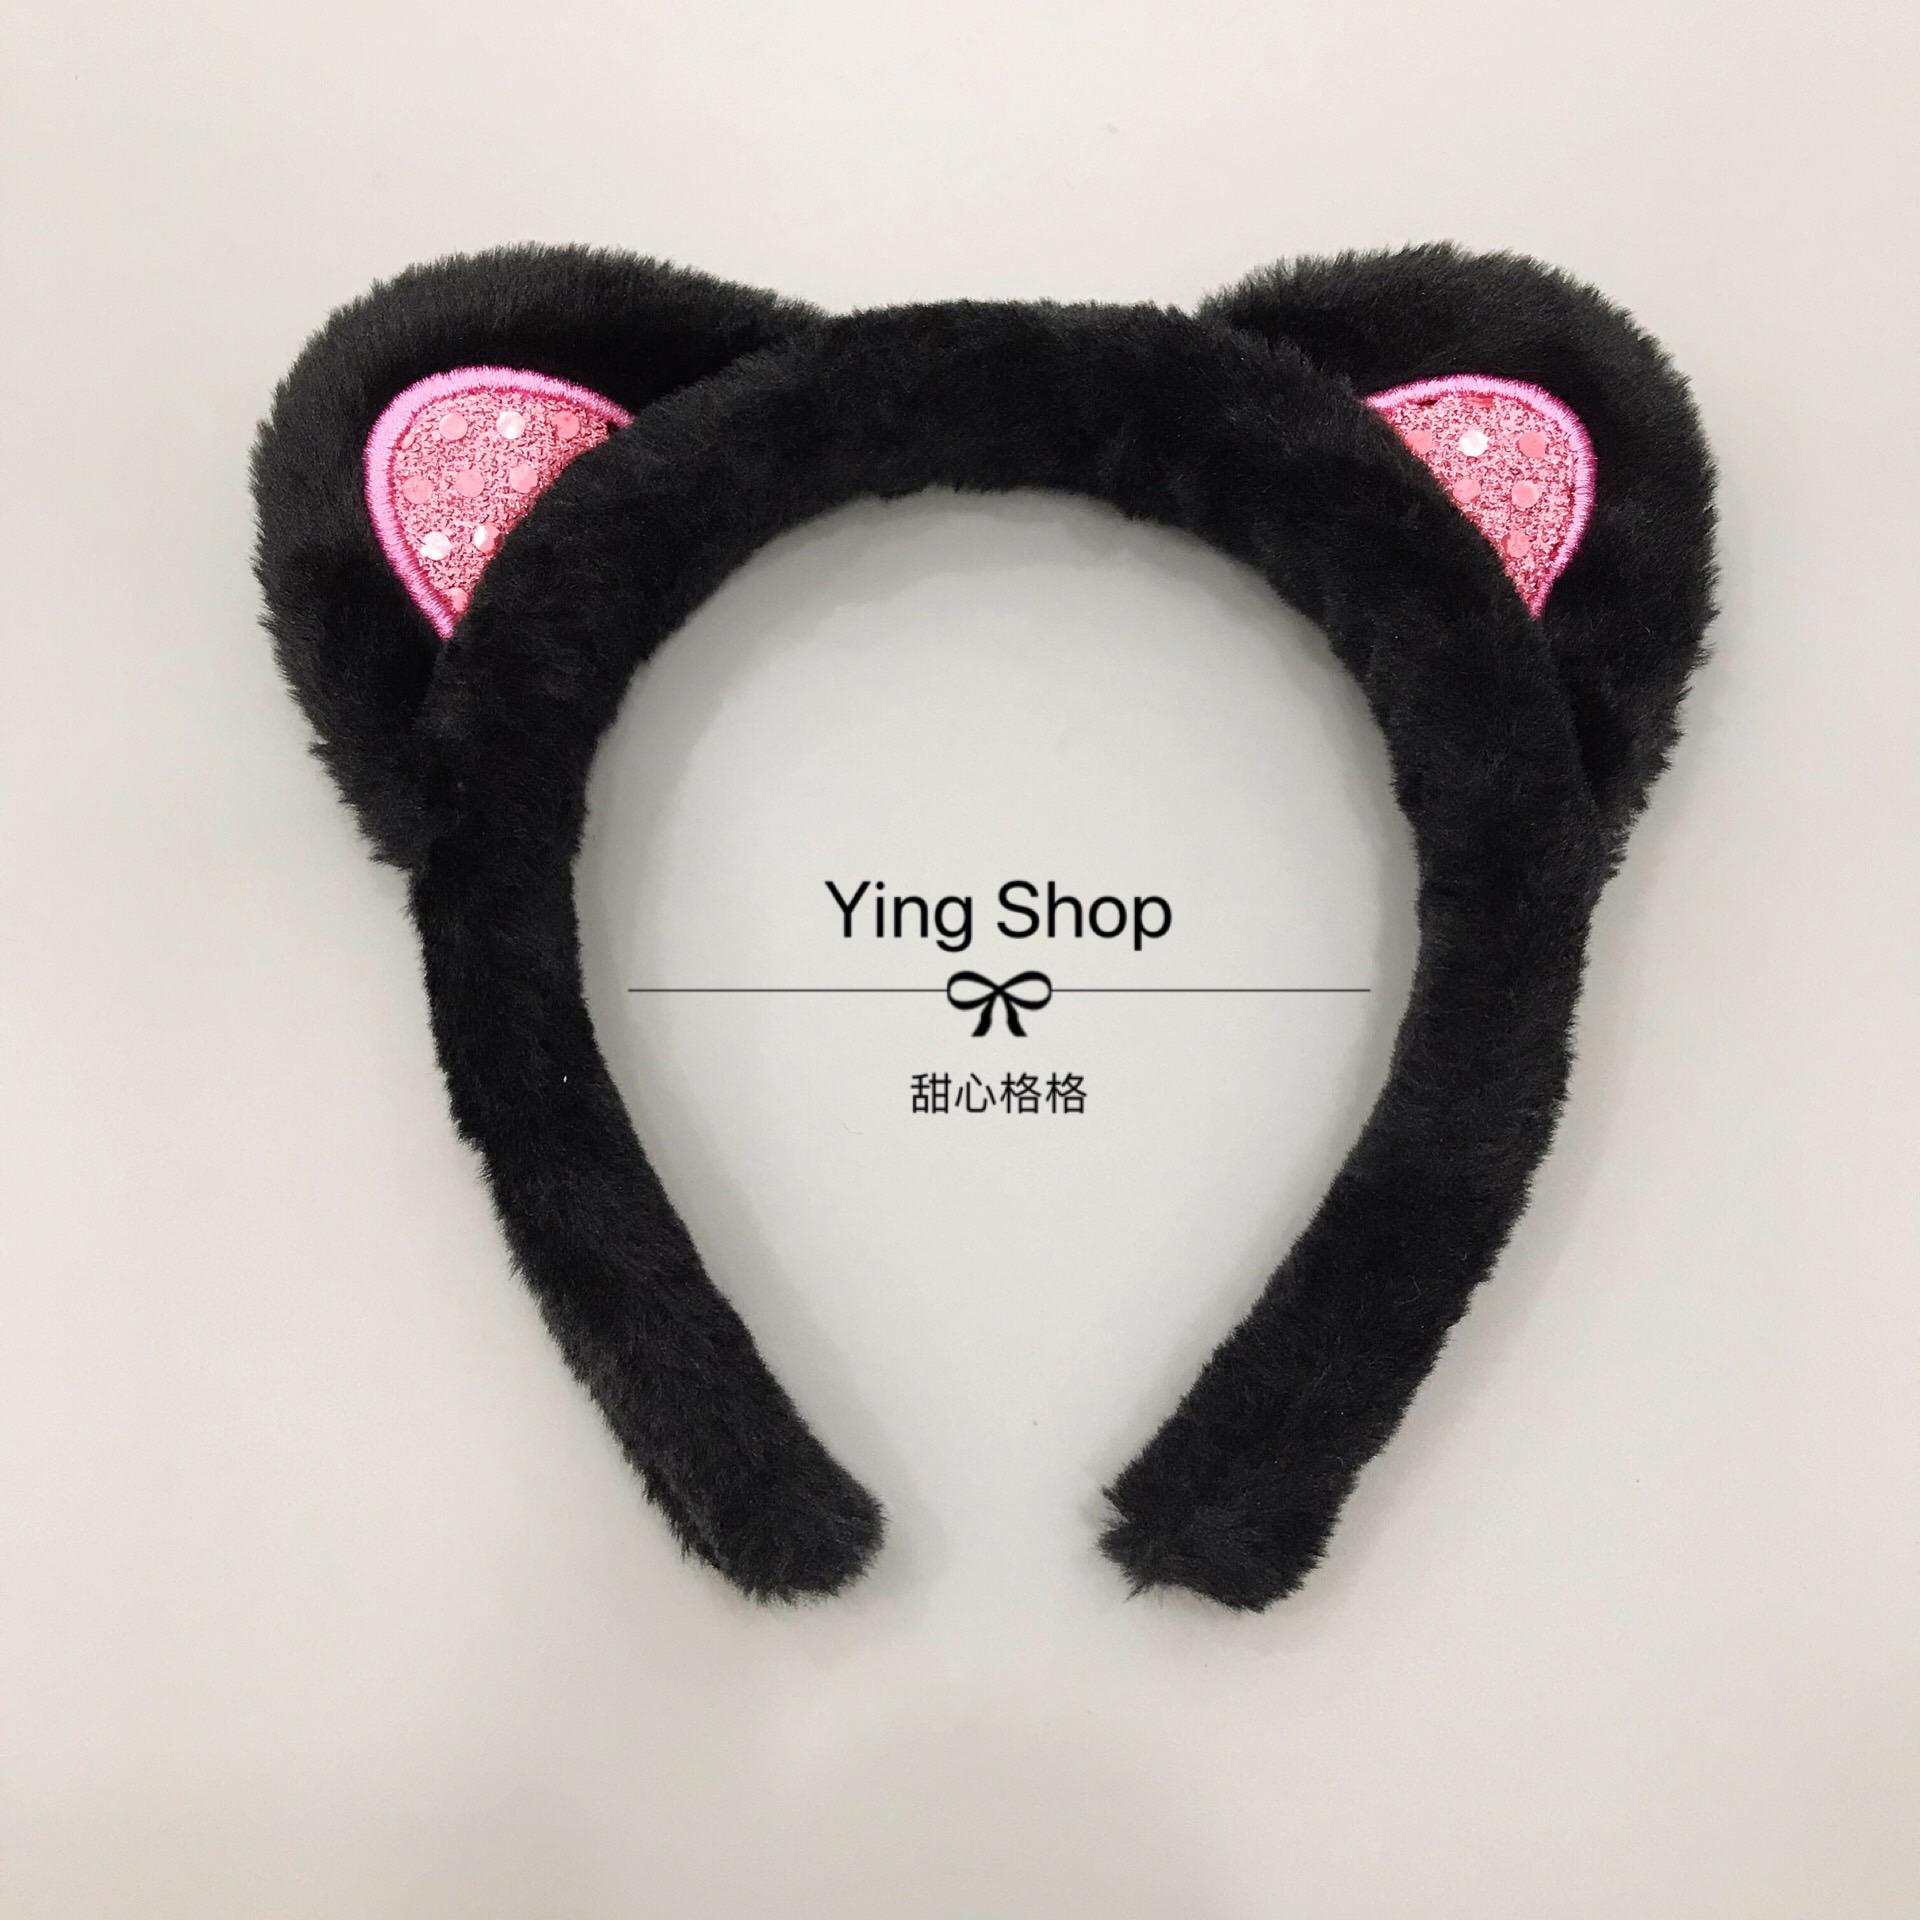 Ying.出口日本小s同款貓耳朵可愛洗臉發箍發帶發卡發飾頭飾頭箍